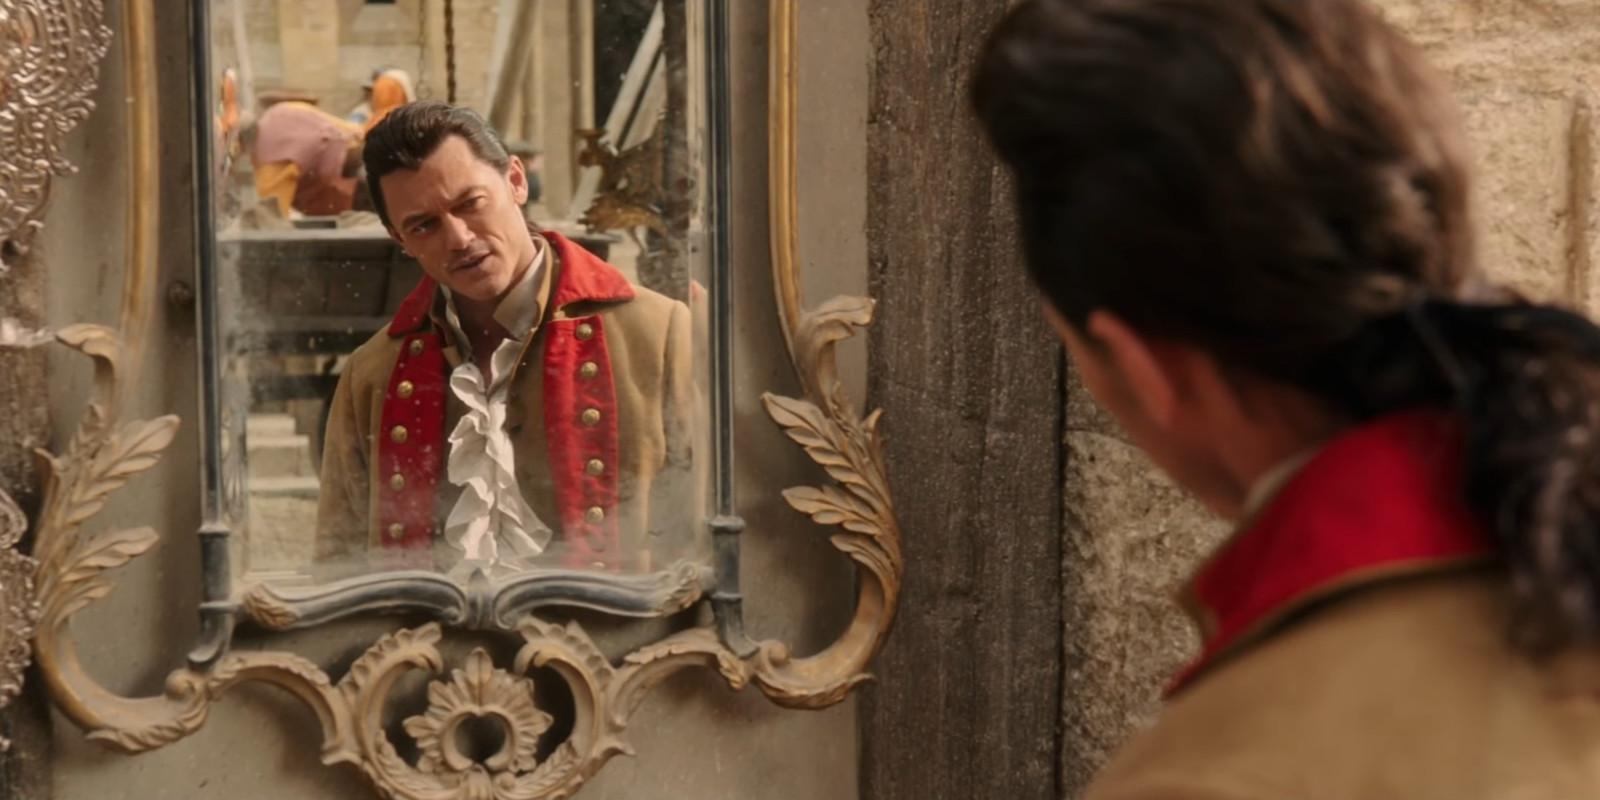 Quên Quái vật đi, Gaston mới chính là mẫu đàn ông các cô gái phải lấy làm chồng! - Ảnh 2.